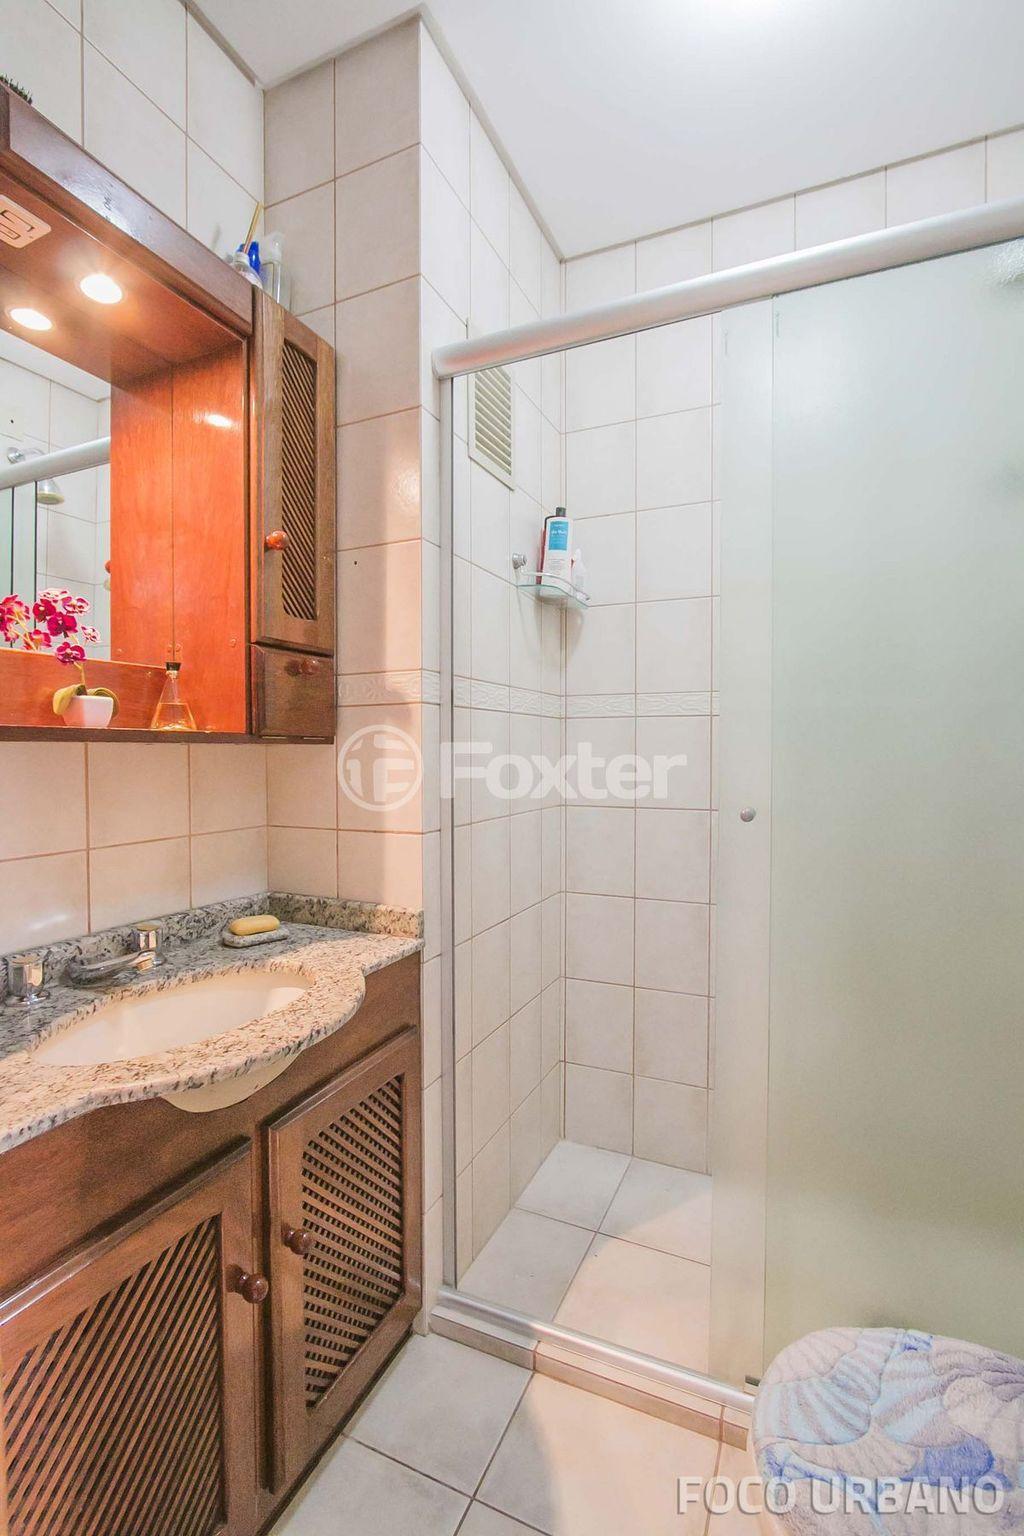 Foxter Imobiliária - Cobertura 4 Dorm (145795) - Foto 11